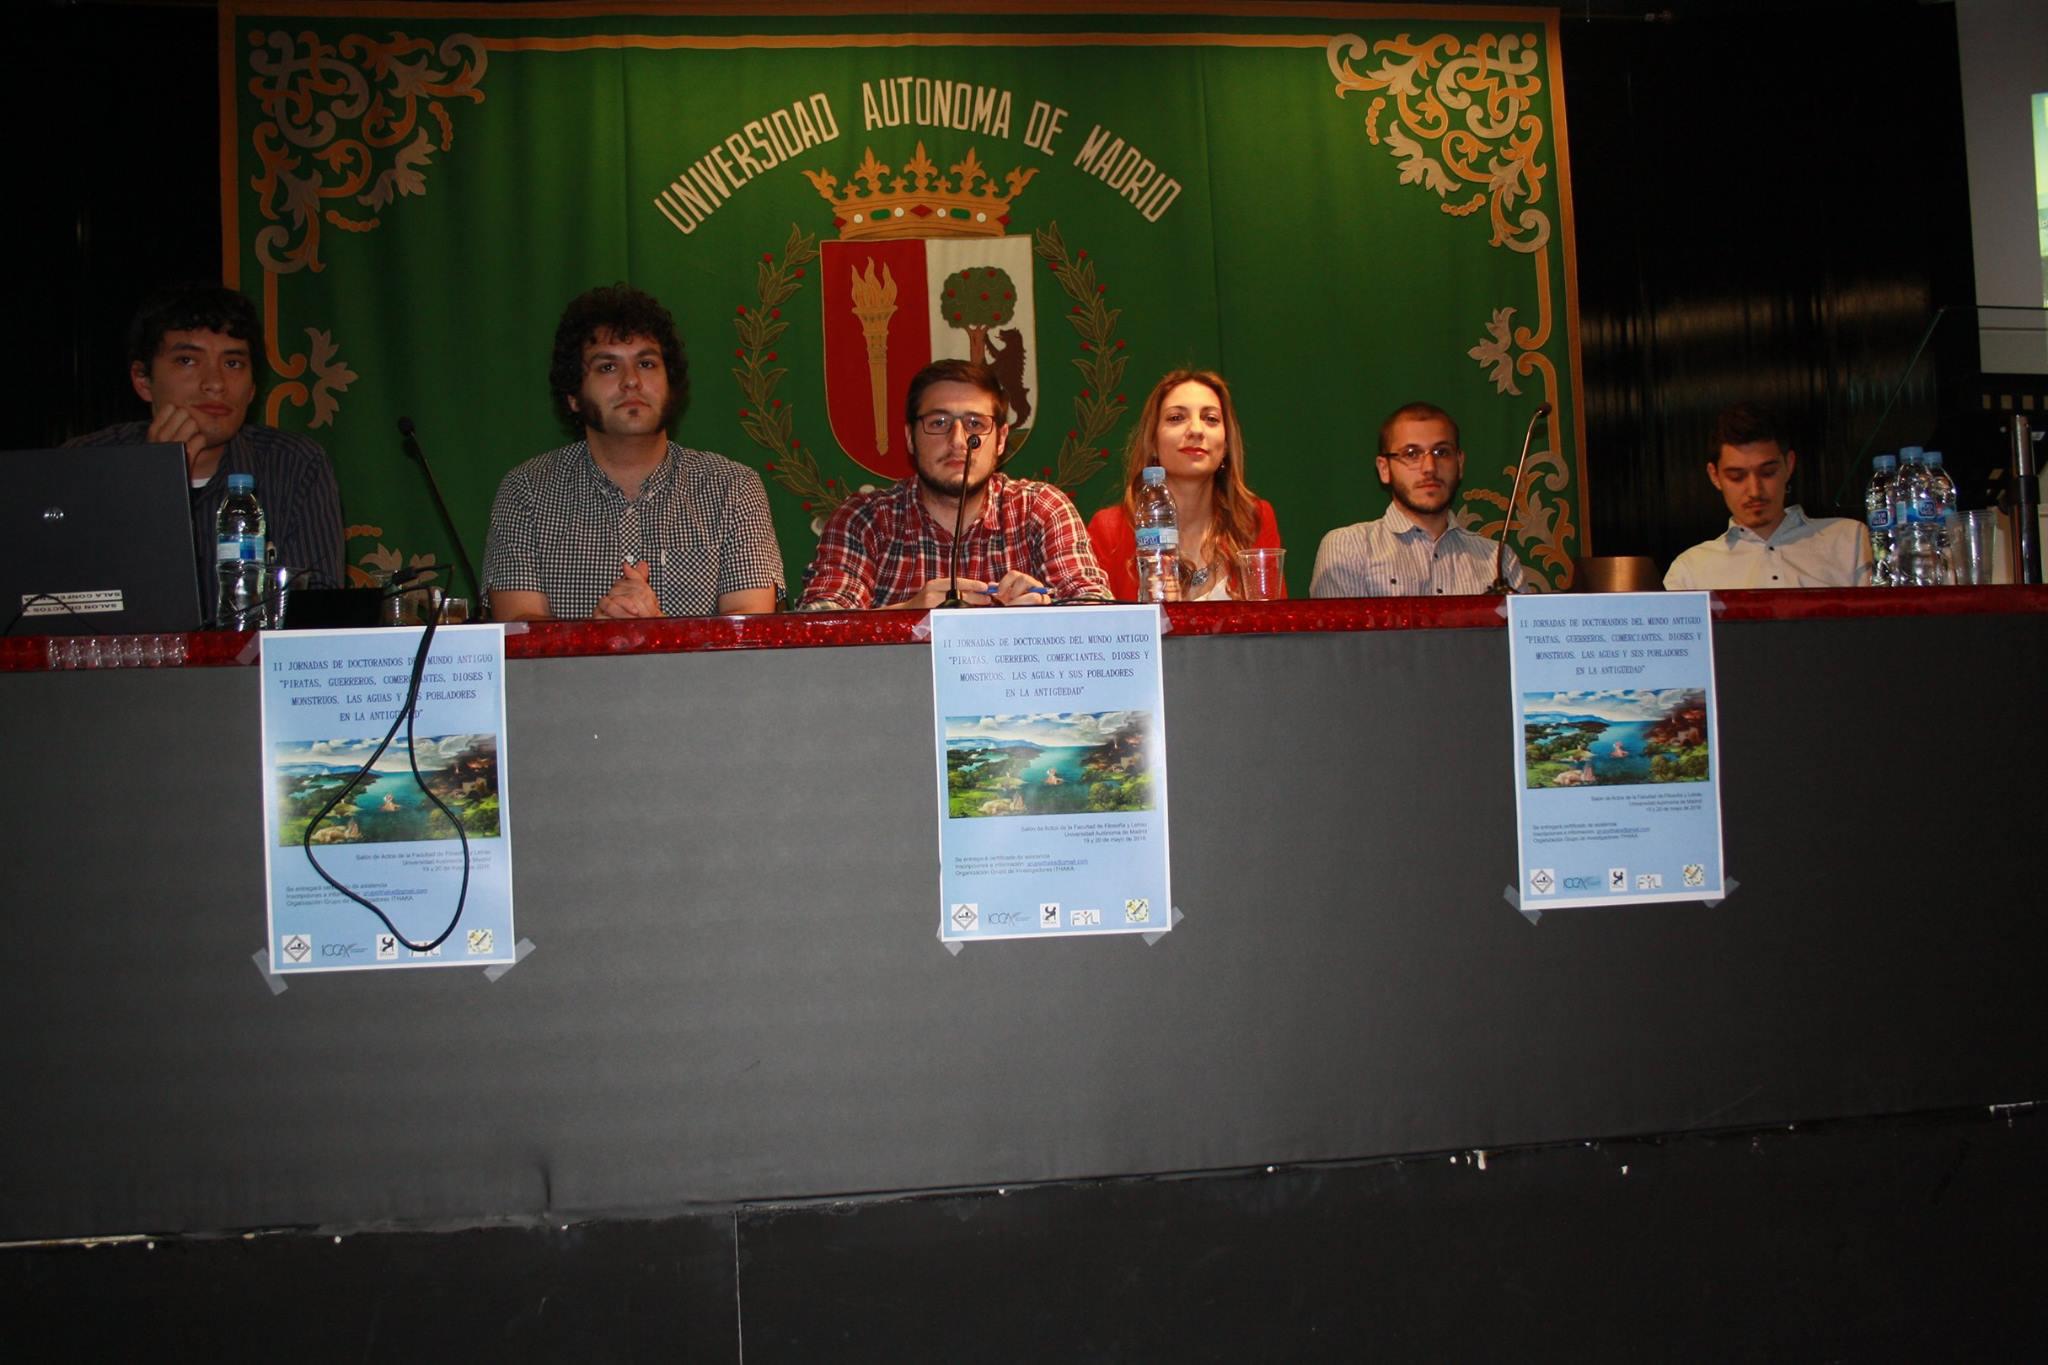 Jesús Zamora, Daniel Elvis Garrido, David Pareja, Cristina del Barrio, Carlos Moral y Alberto Hoces compusieron la mesa de debate de la primera sesión del segundo día (Fotografía de Marta Marchena)